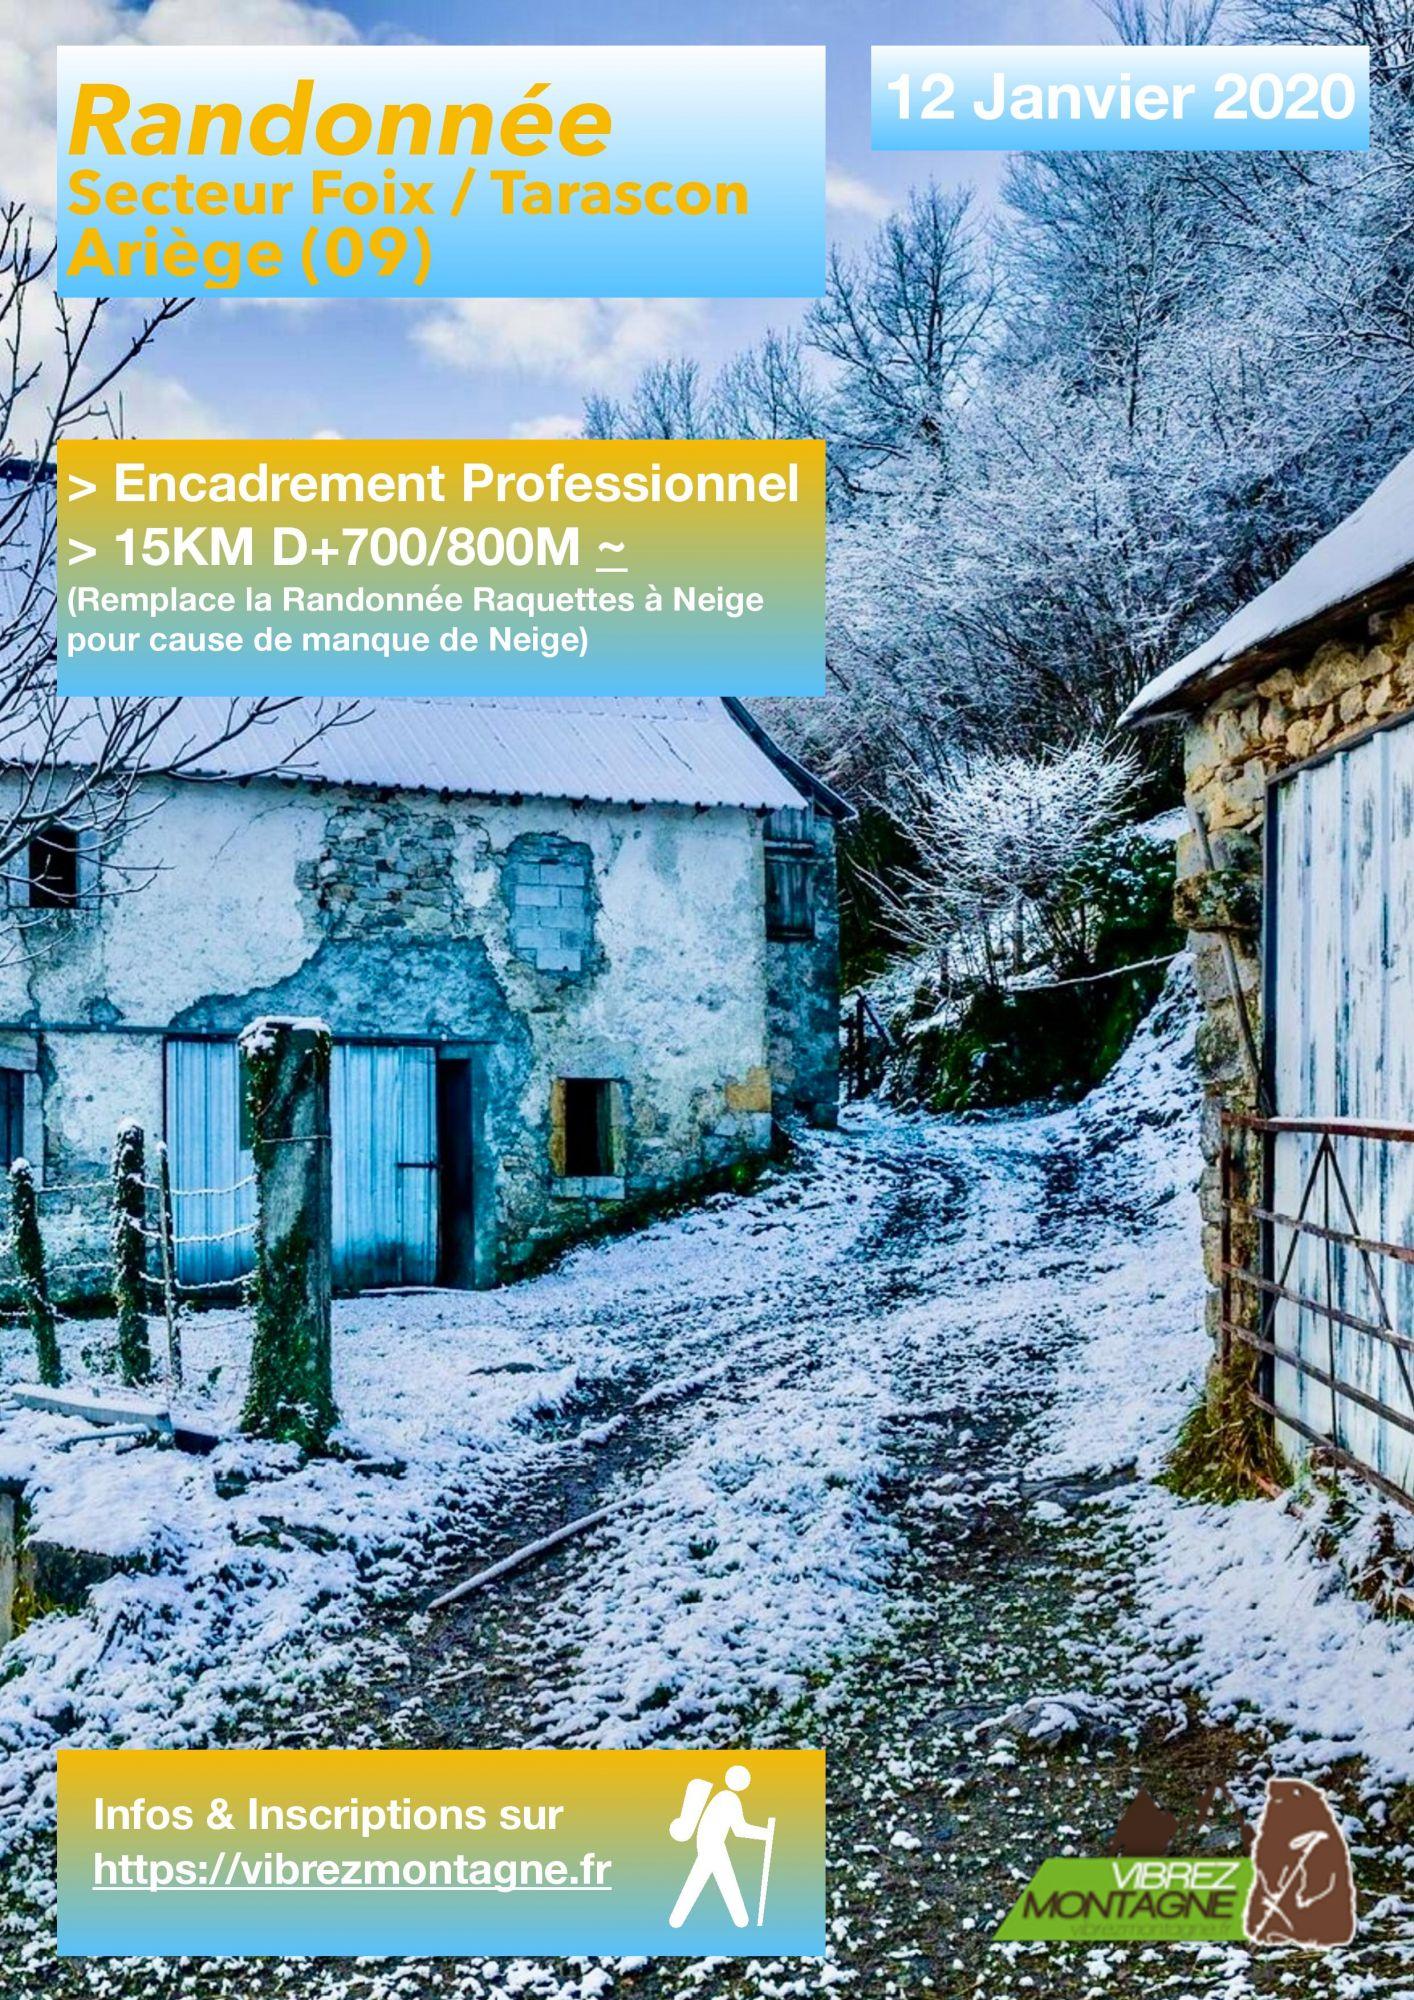 randonnee-raquettes-12-01-2020-vibrez-montagne-page